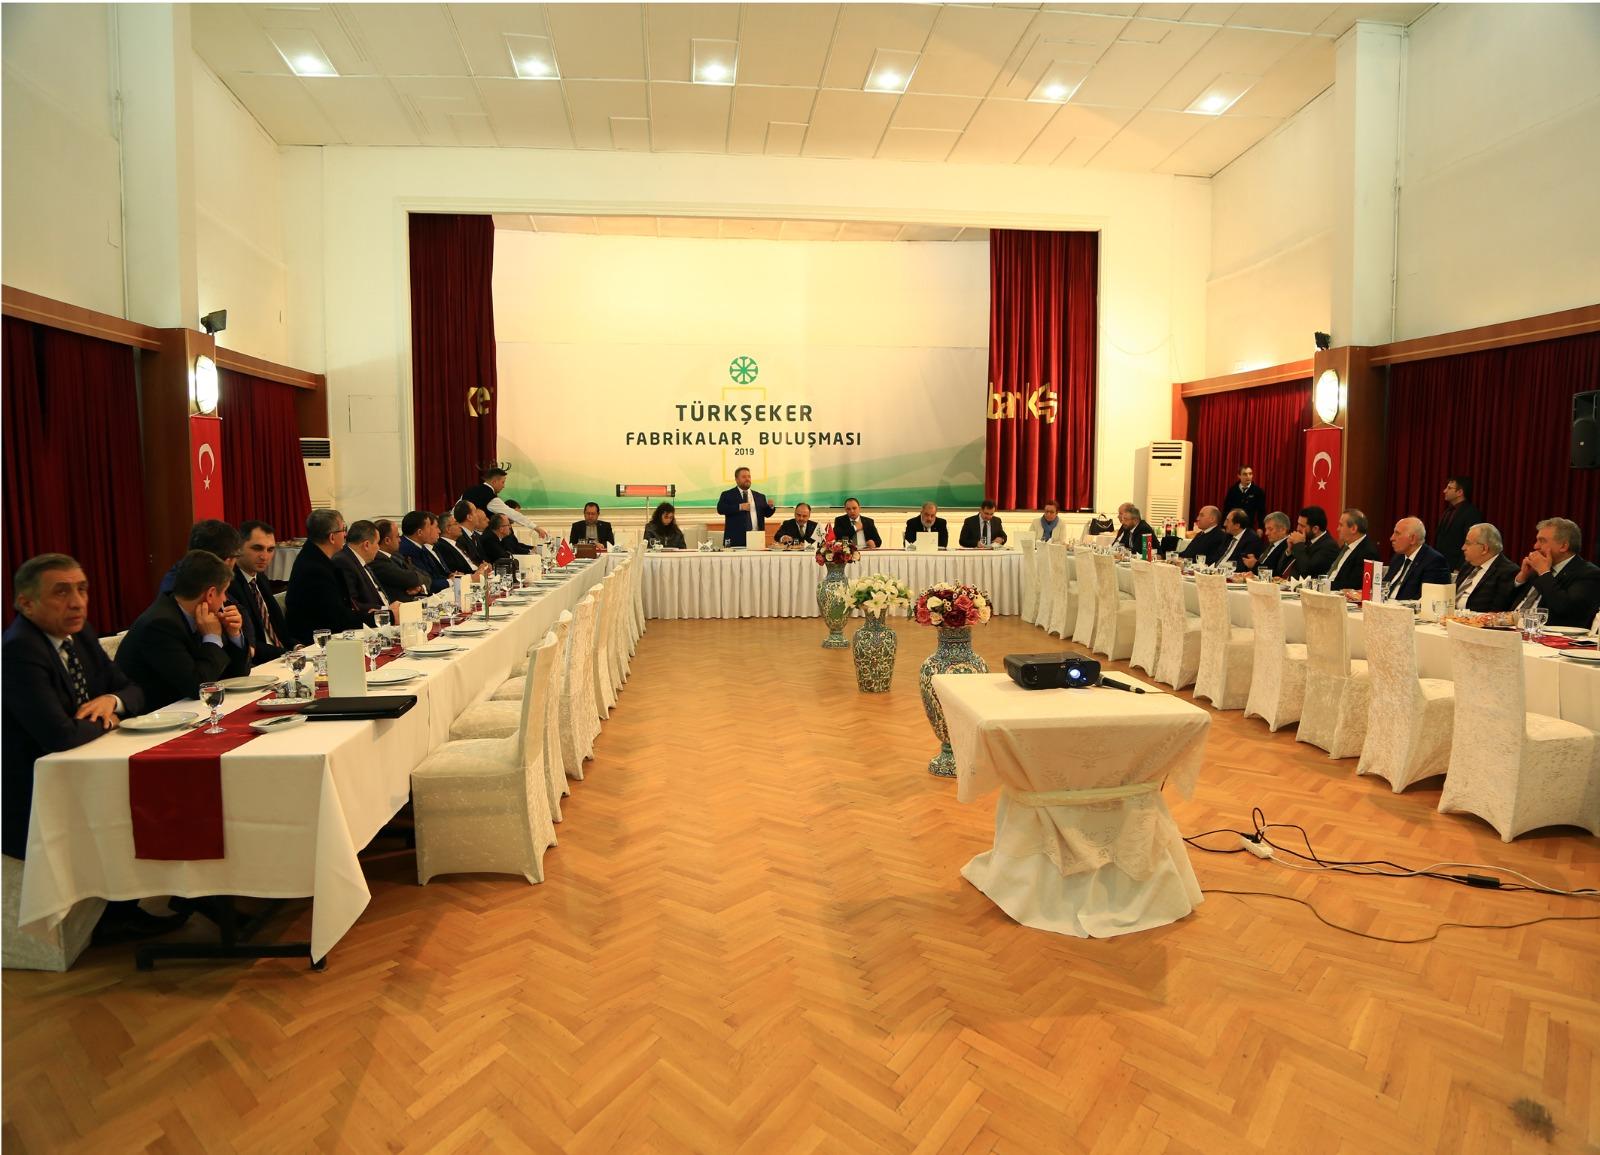 Kurumlararası Diyaloğu Geliştirme Toplantısı – TÜRKŞEKER Genel Müdürlüğü